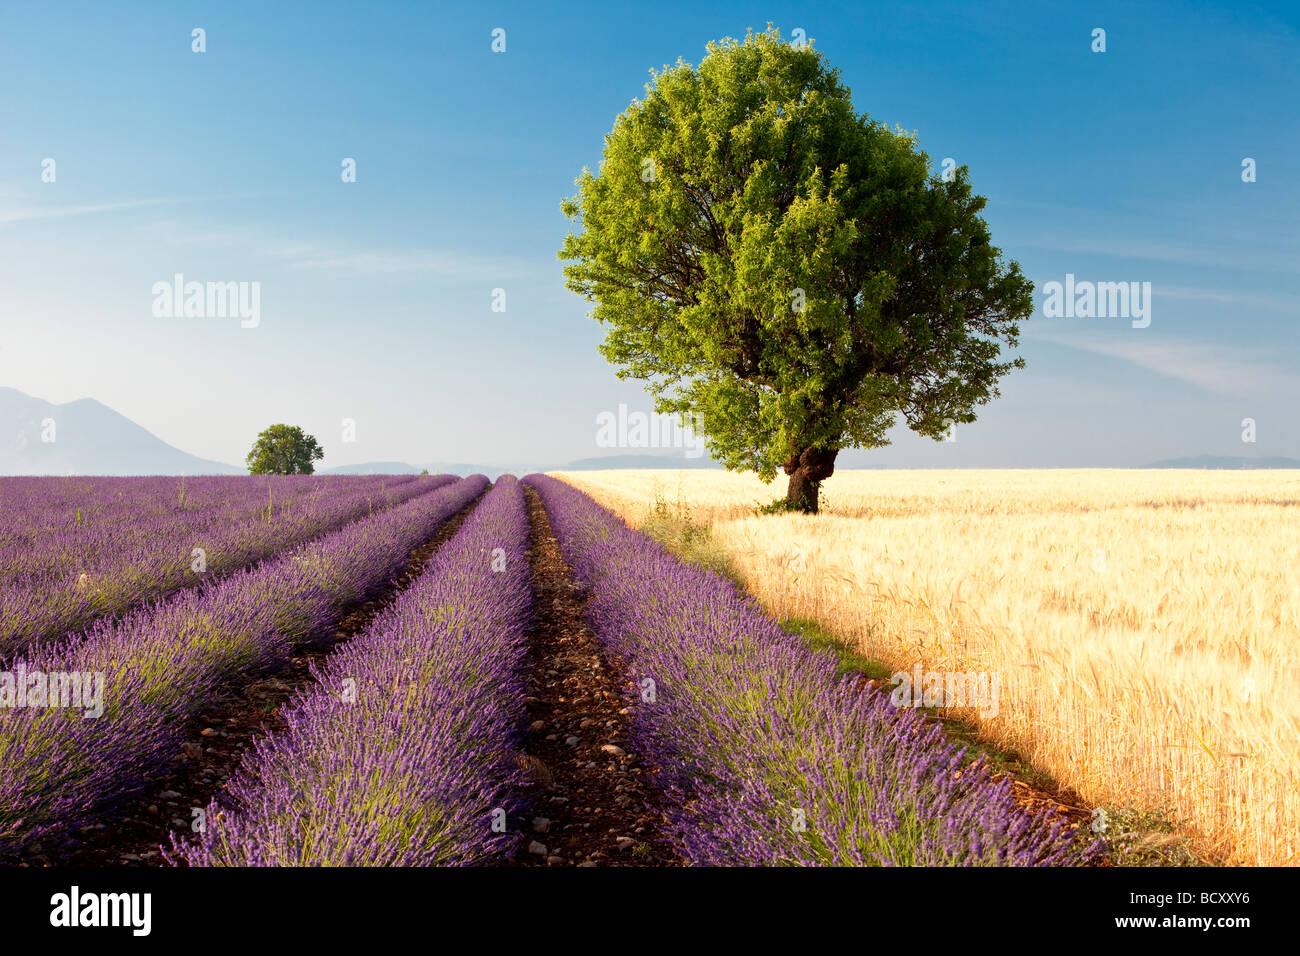 Lavendel-Feld in der Nähe von Valensole Frankreich Stockbild